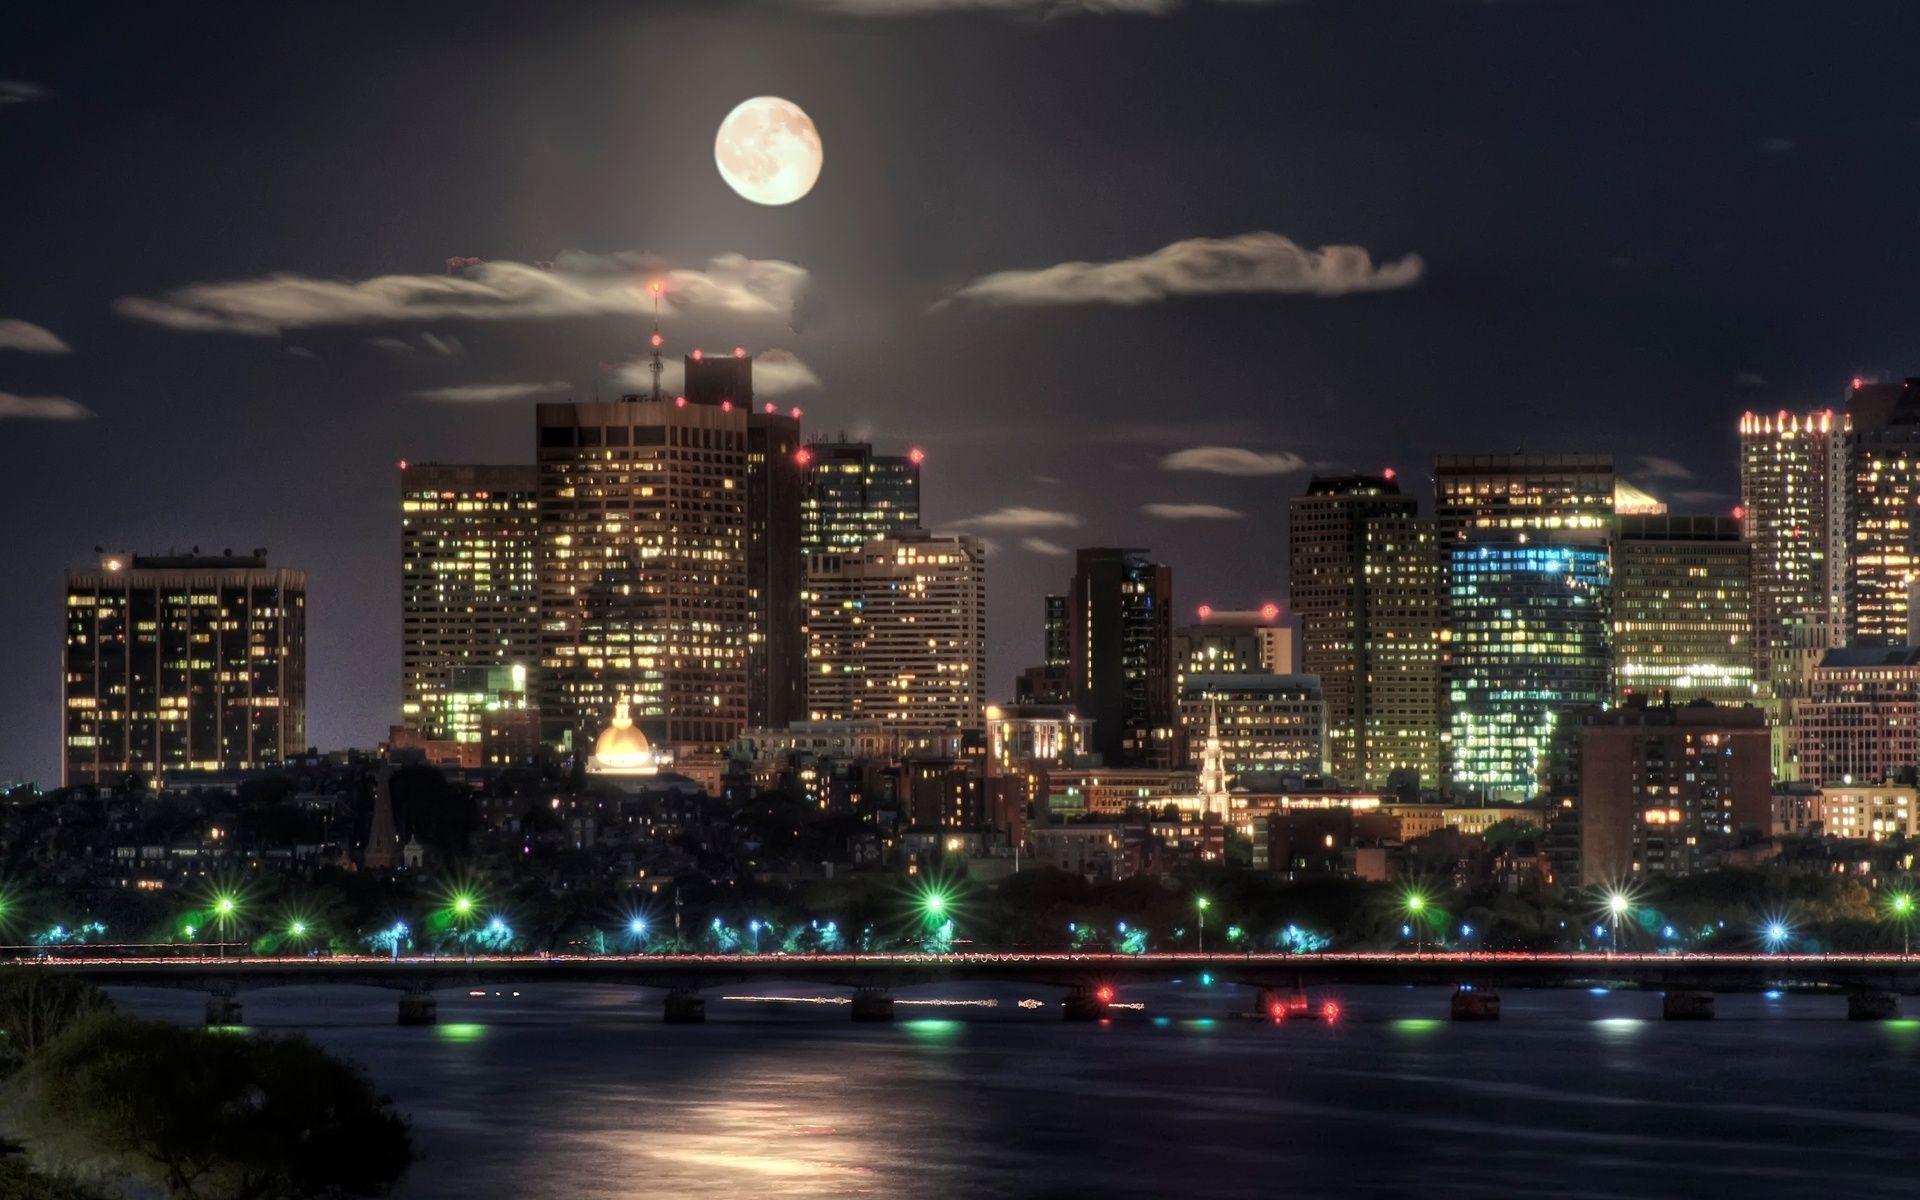 city night art hd - photo #49